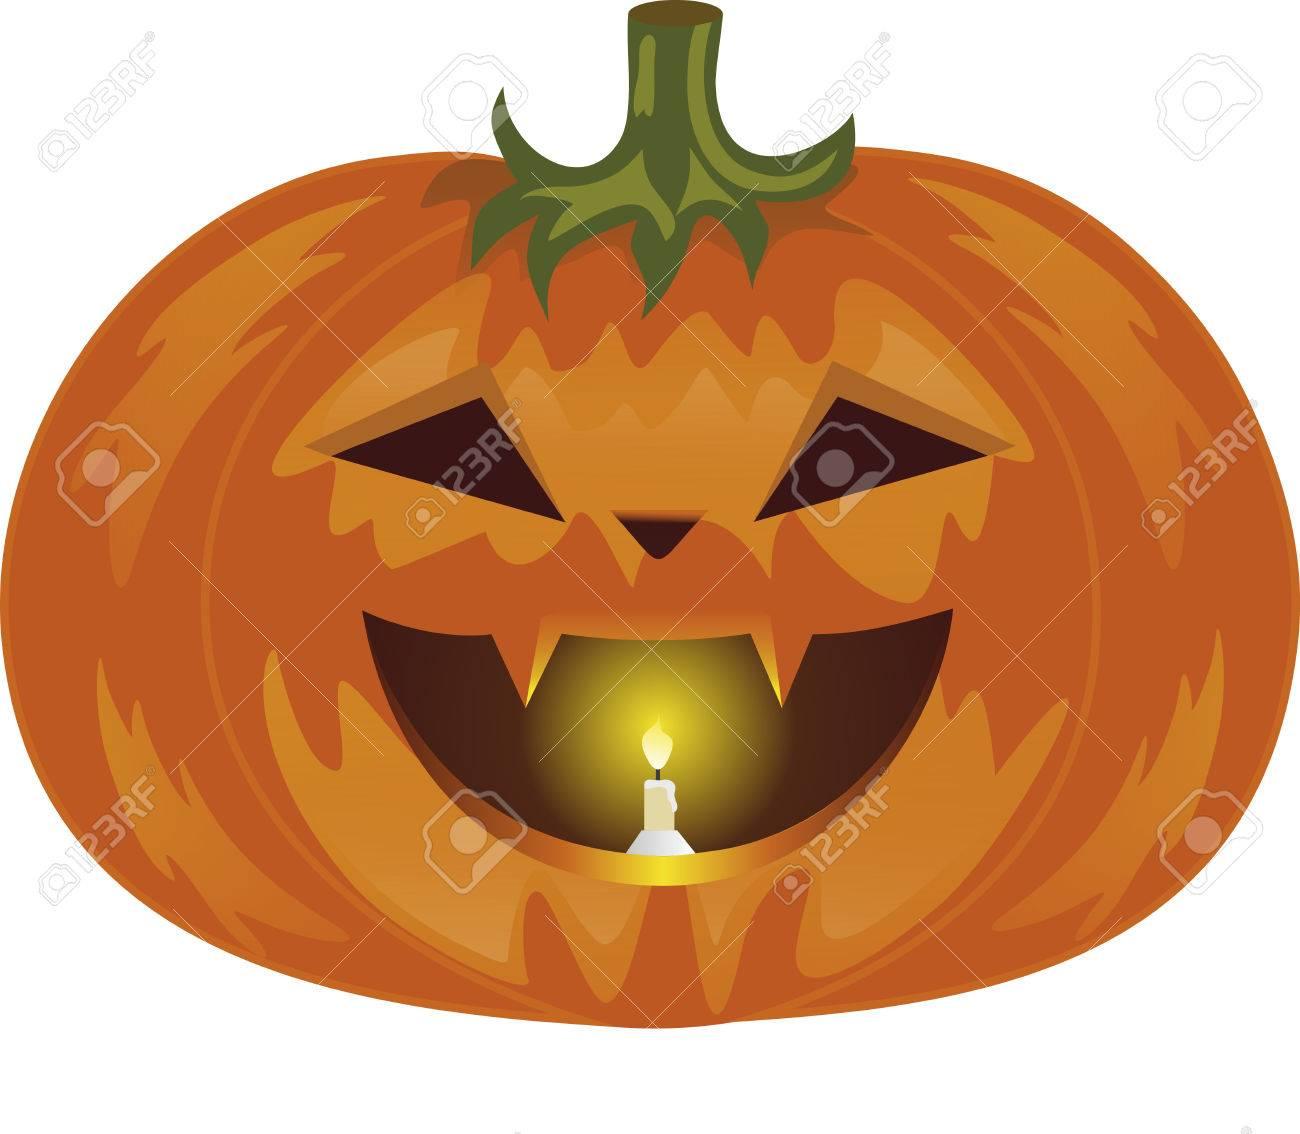 Bouche Citrouille Halloween.Citrouille A L Halloween Des Legumes De Couleur Orange Une Lampe De Citrouille Le Mal De Legumes Une Bougie Dans Une Bouche La Citrouille Avec Des Canines Une Tige De Fruit Vert Banque